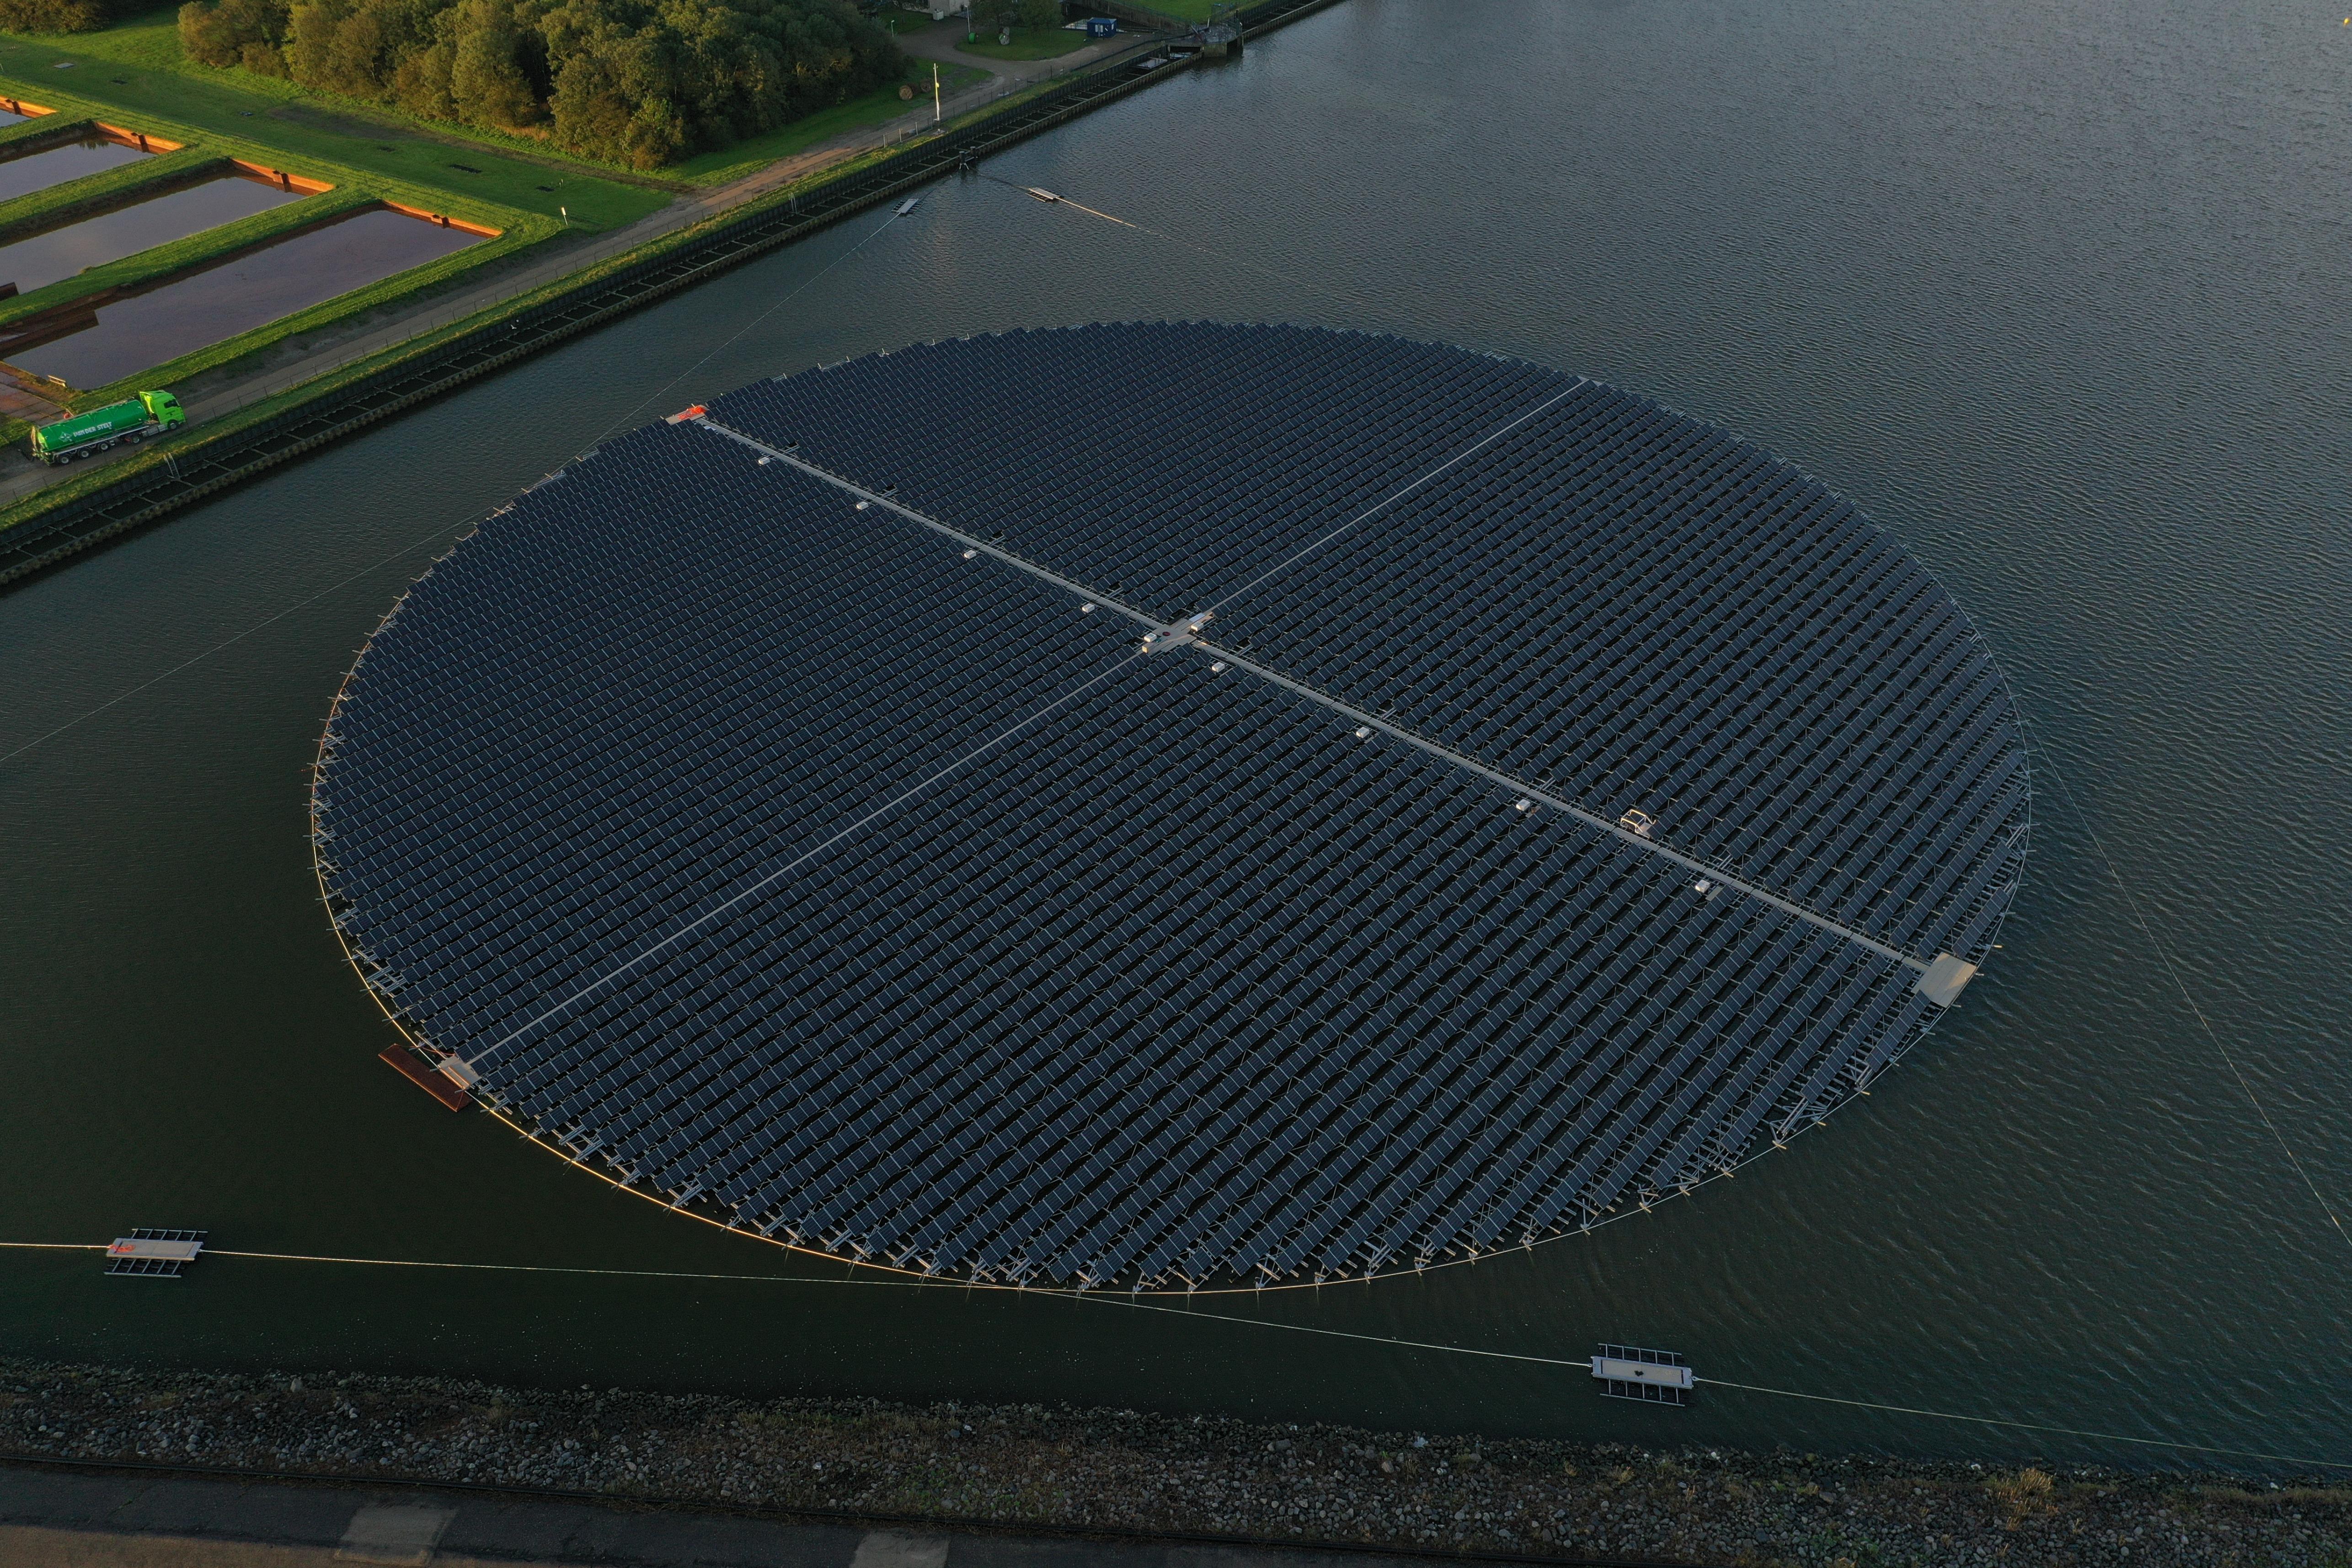 Drijvende ronde zonnepanelen van bovenaf gefotografeerd